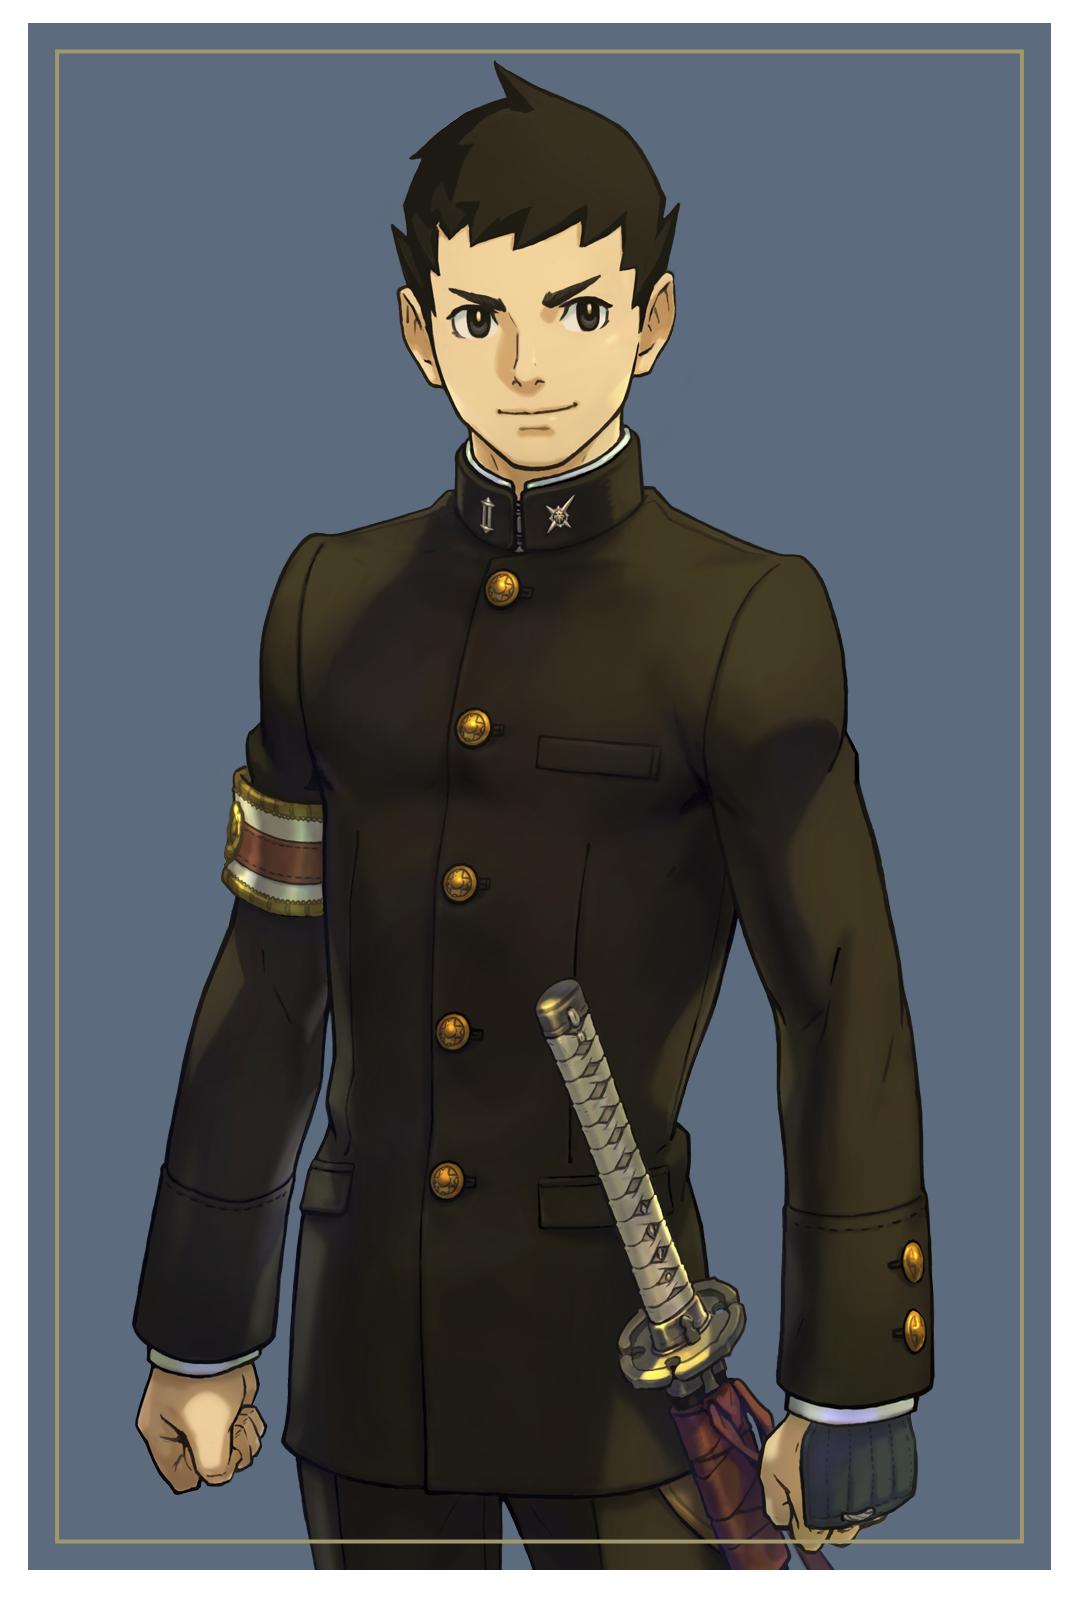 Ryunosuke Naruhodo - Character Art